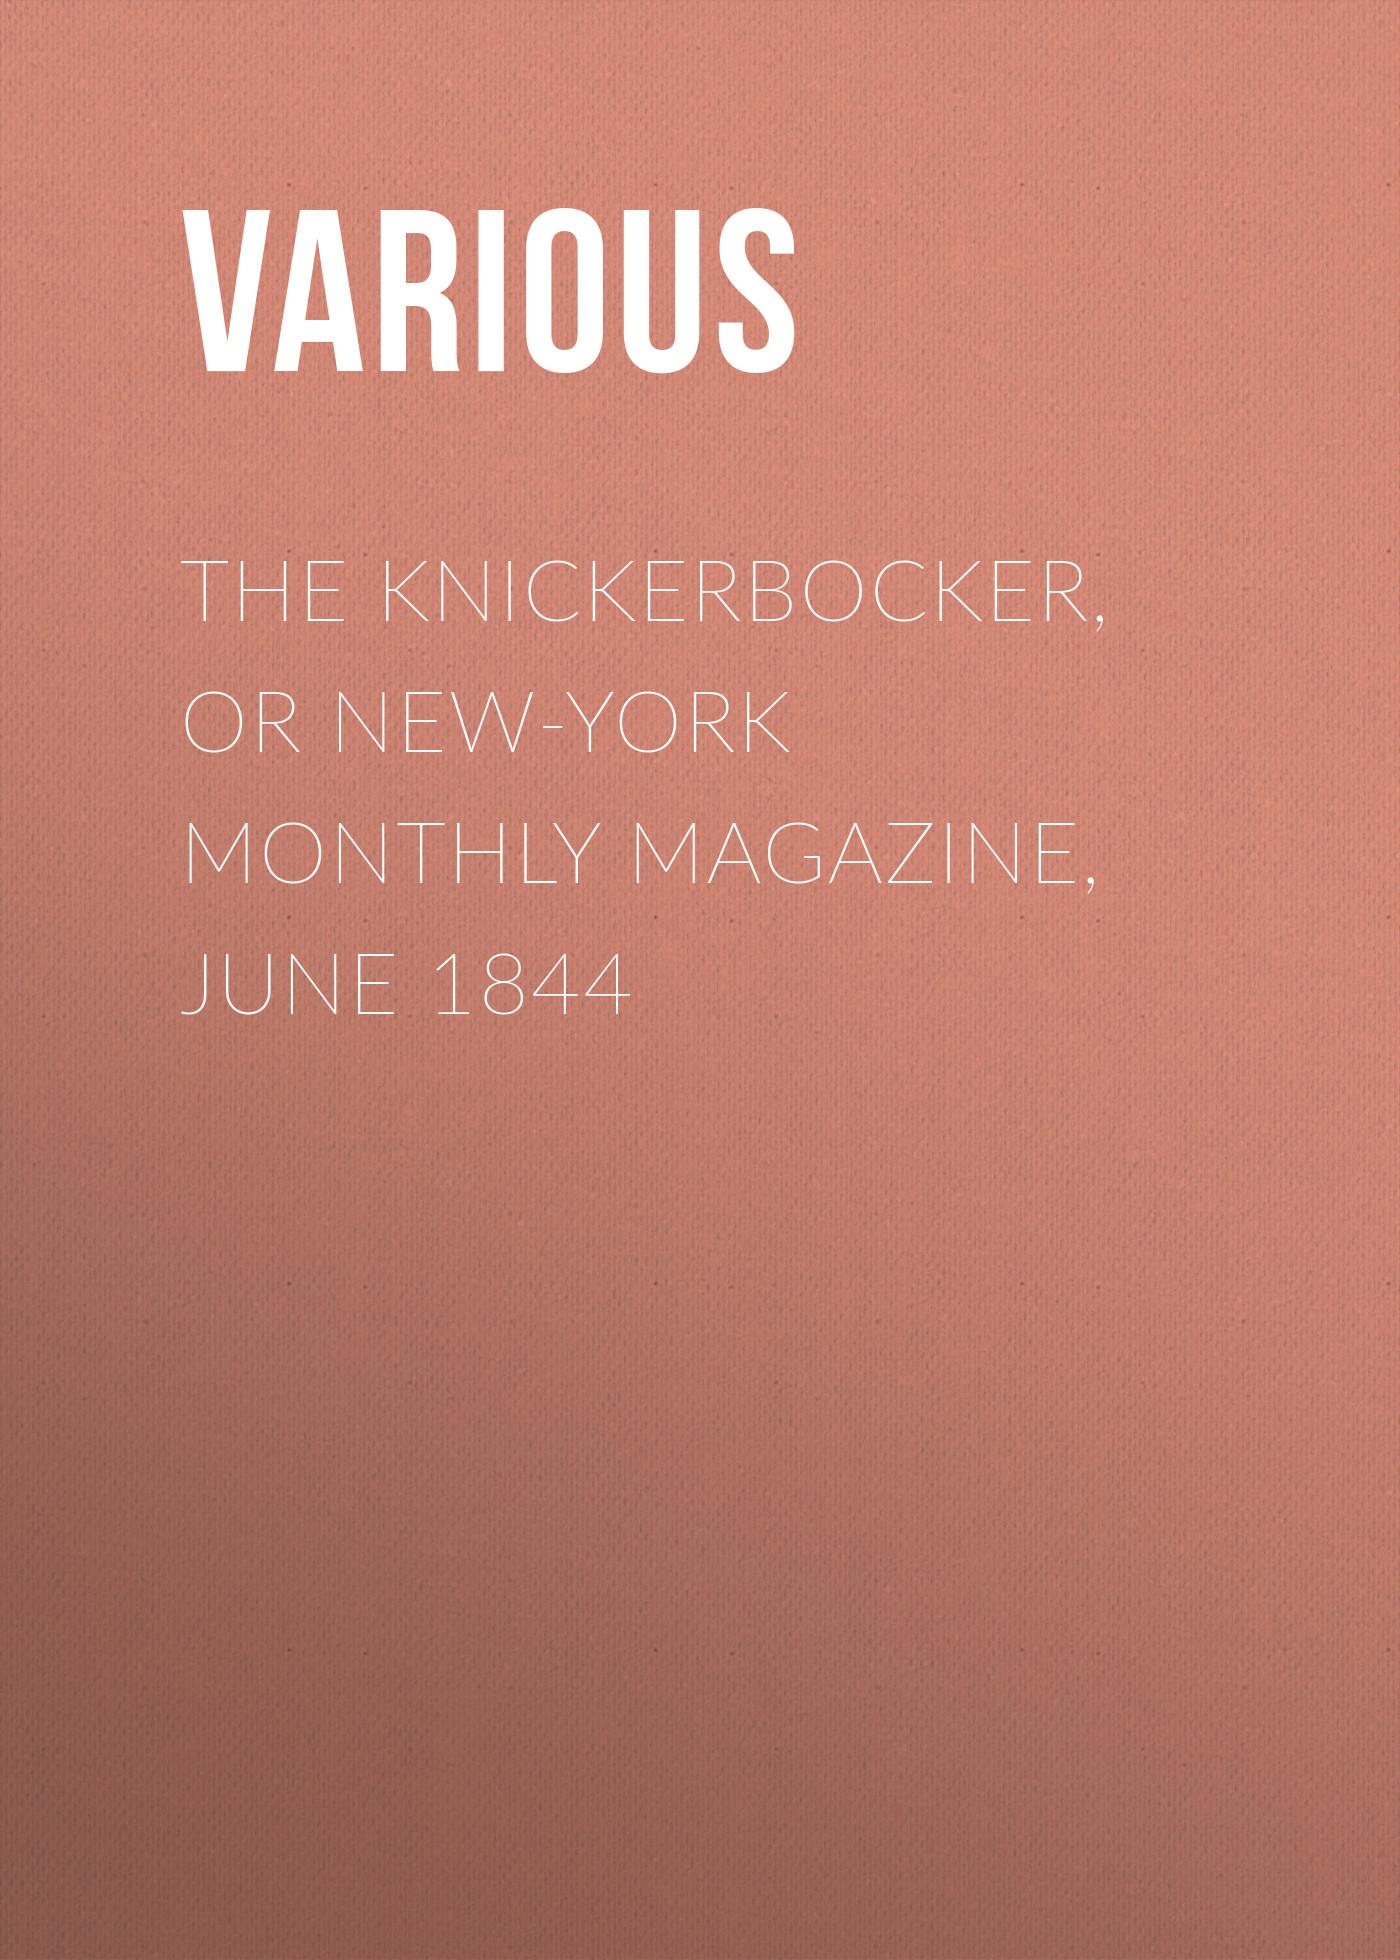 лучшая цена Various The Knickerbocker, or New-York Monthly Magazine, June 1844